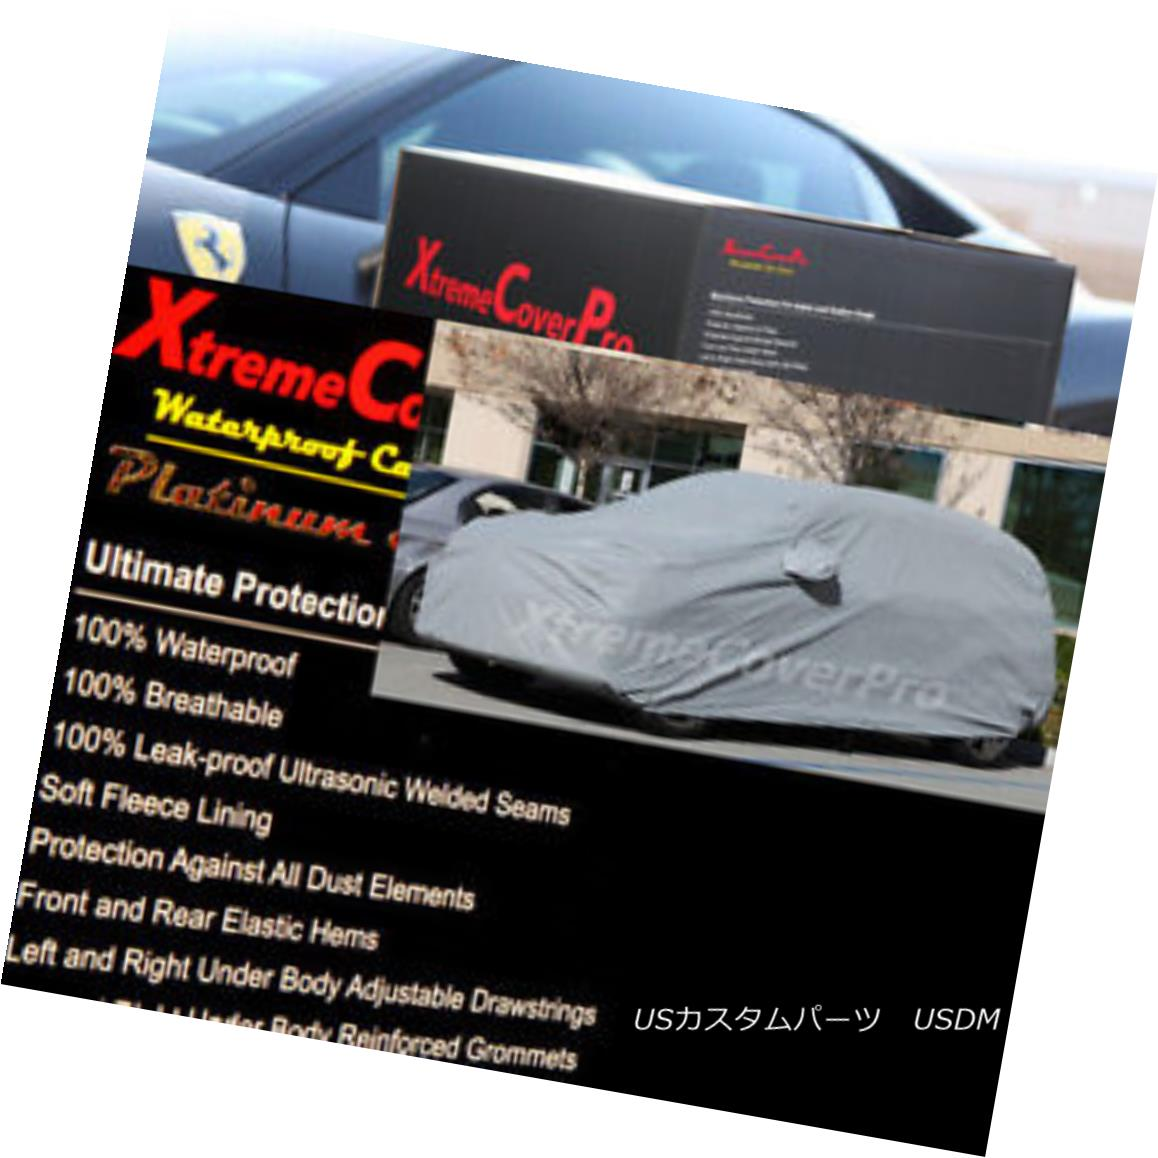 カーカバー 2006 2007 2008 Mercedes R320 R500 Waterproof Car Cover w/MirrorPocket 2006年2007年2008年メルセデスR320 R500防水カーカバー付きMirrorPocket